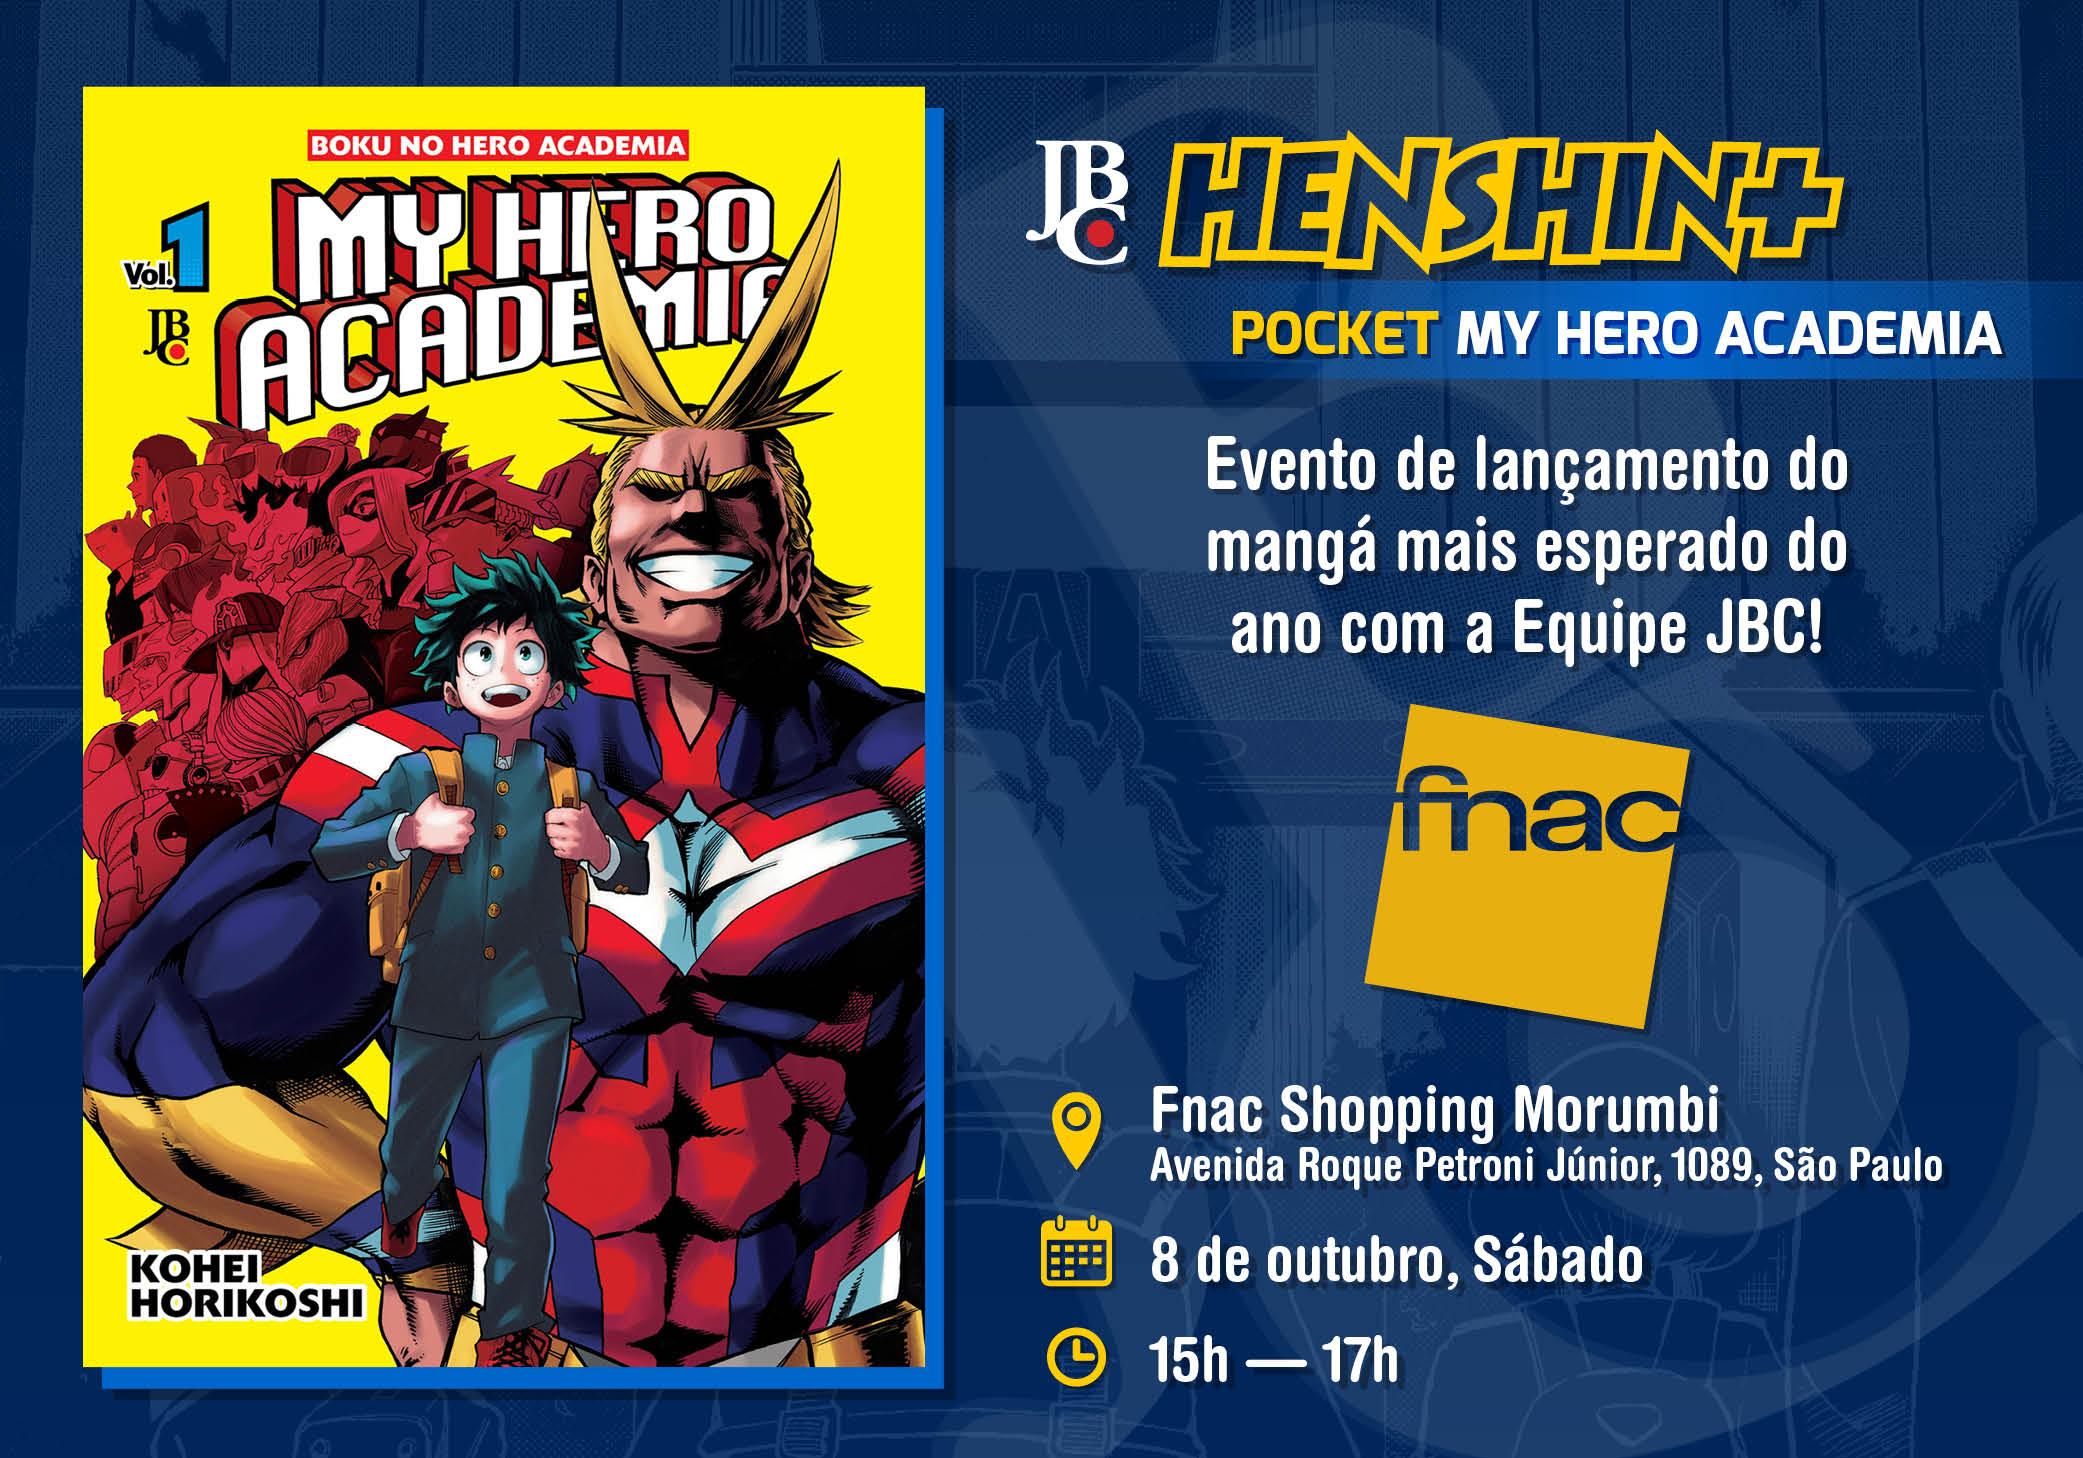 JBC Henshin+ Pocket MY HERO ACADEMIA, no dia 8 de outubro de 2016